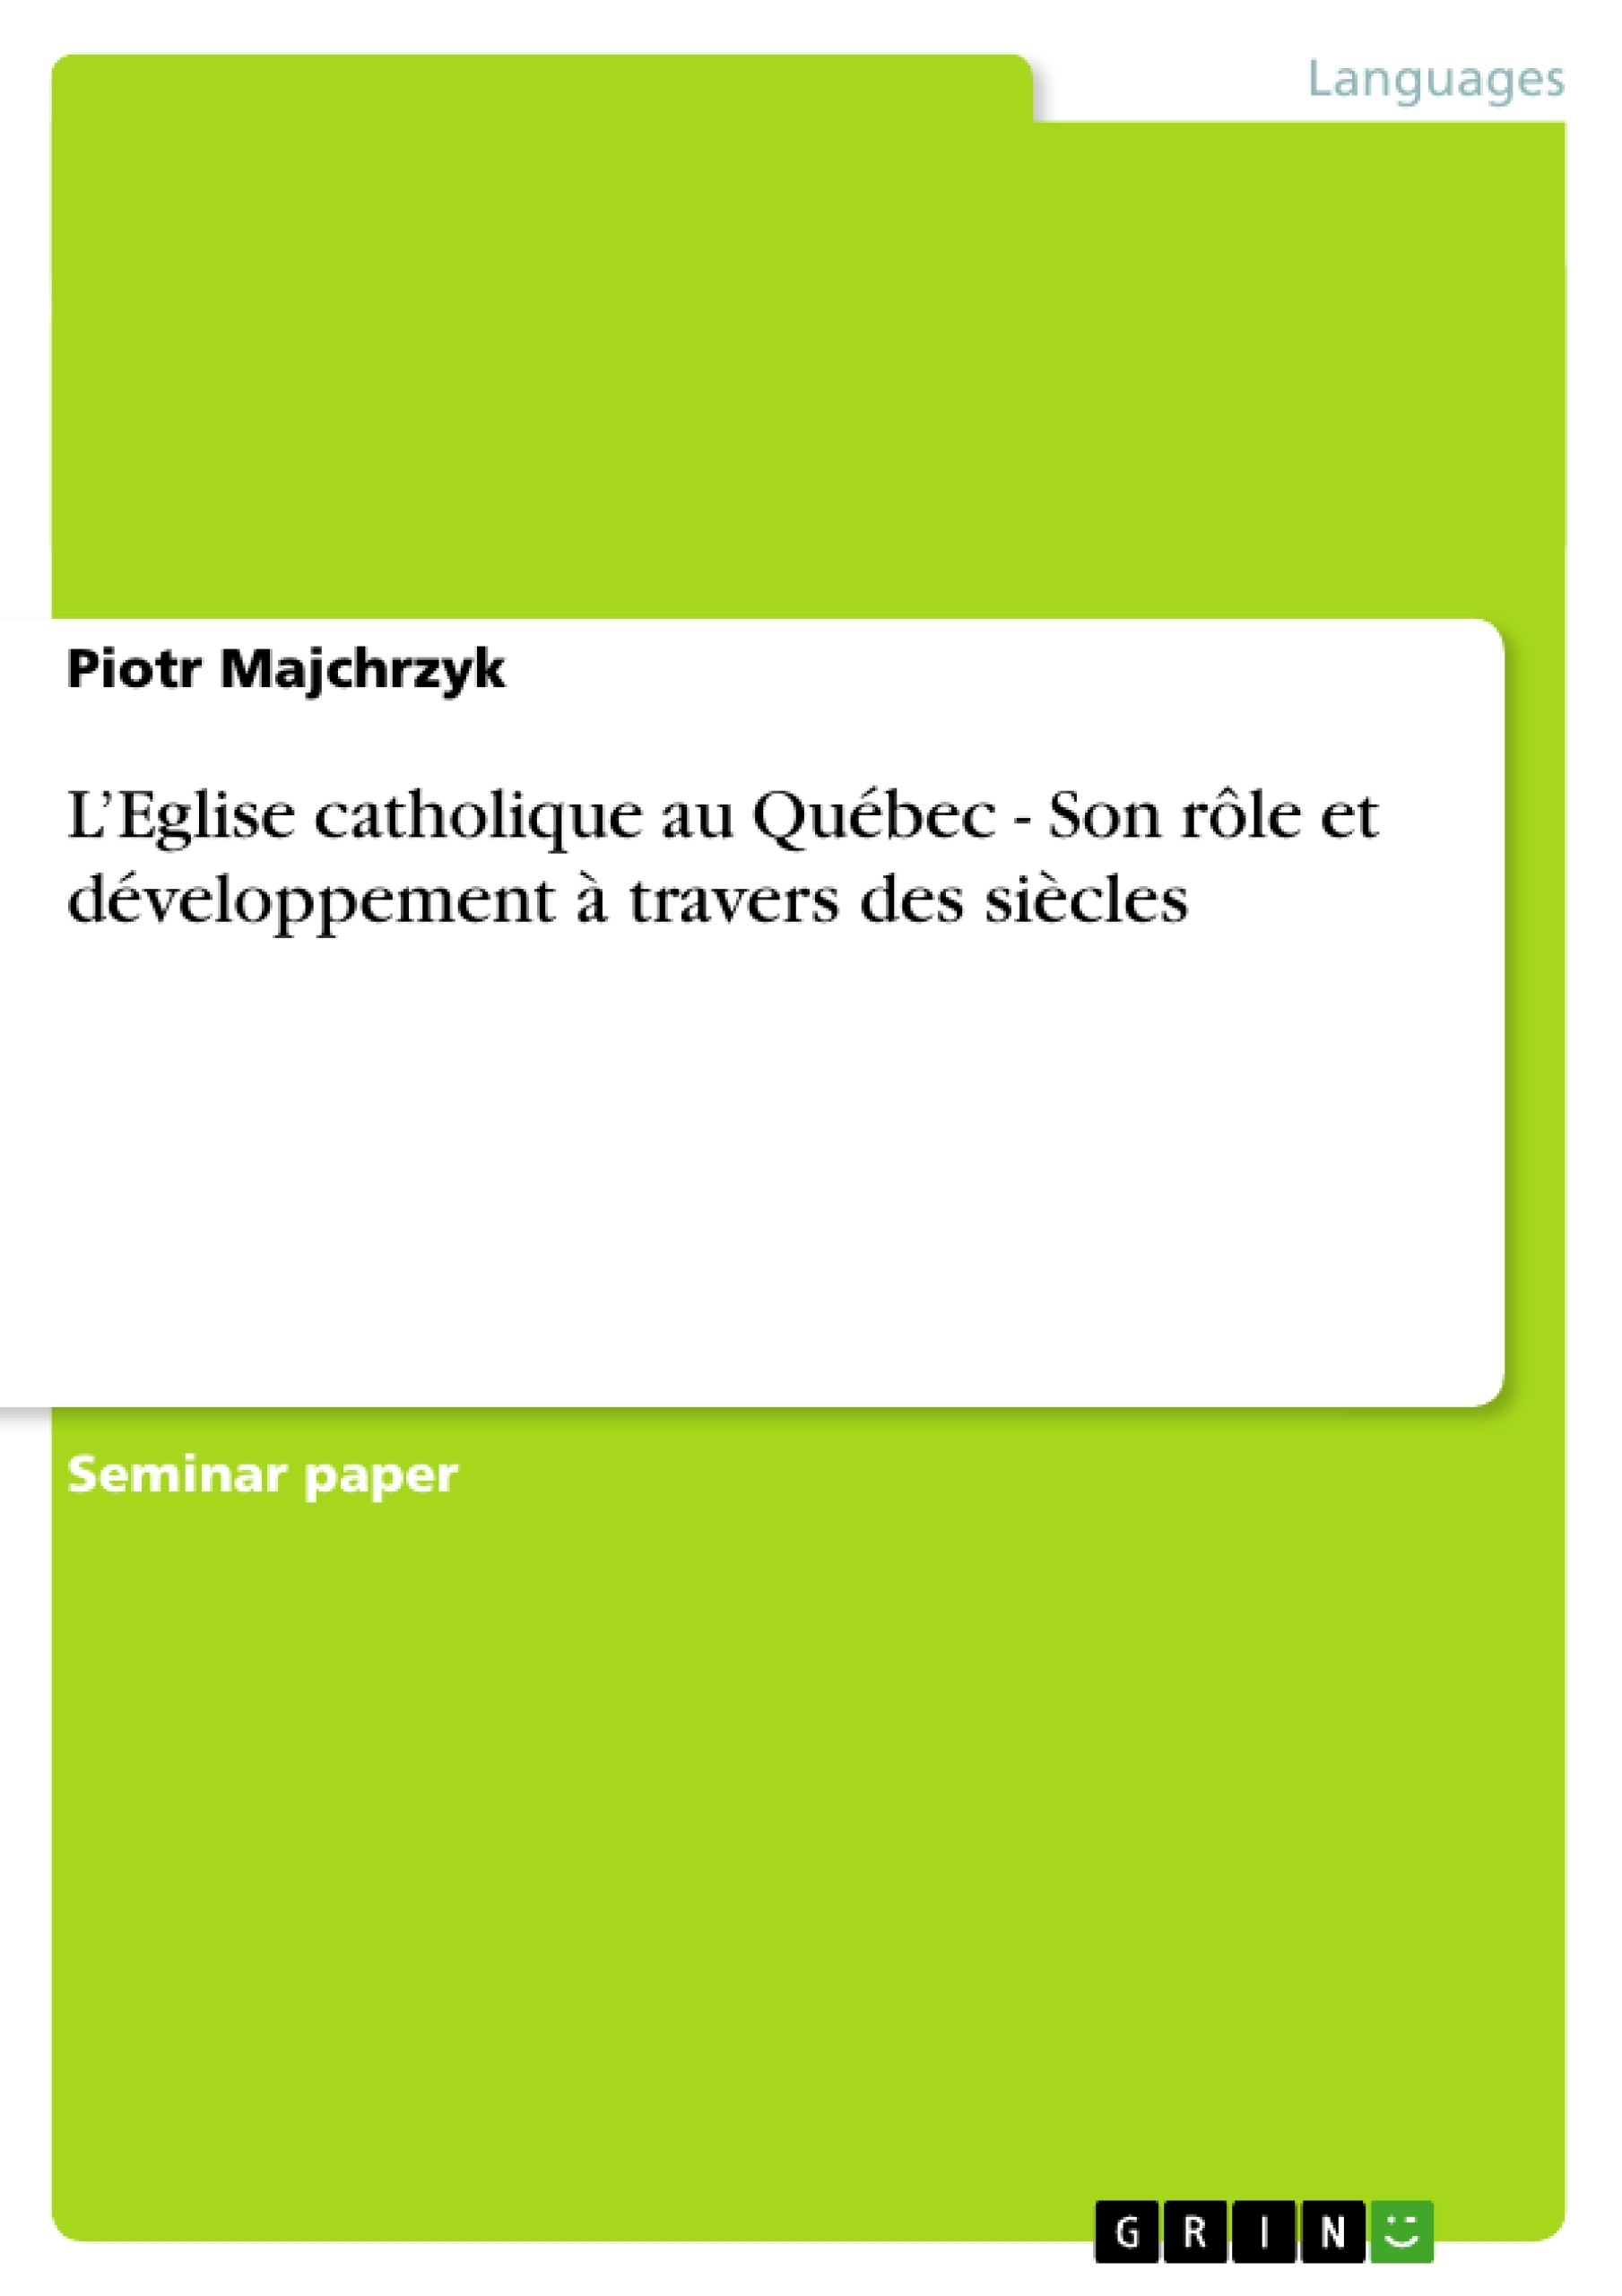 Titre: L'Eglise catholique au Québec - Son rôle et développement à travers des siècles